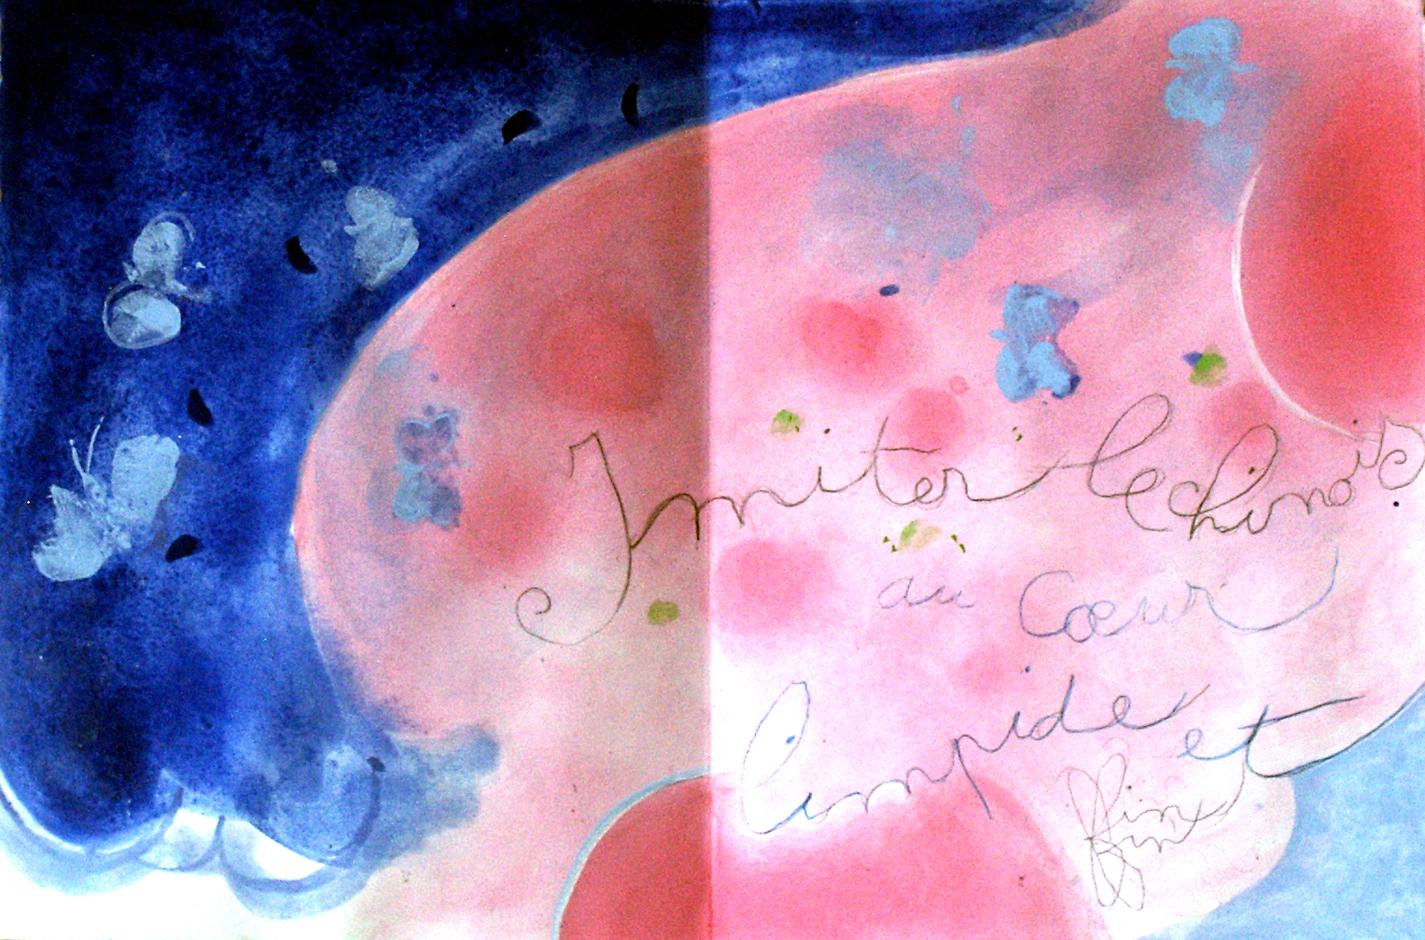 Las de l'amer repos Mallarmé 2006